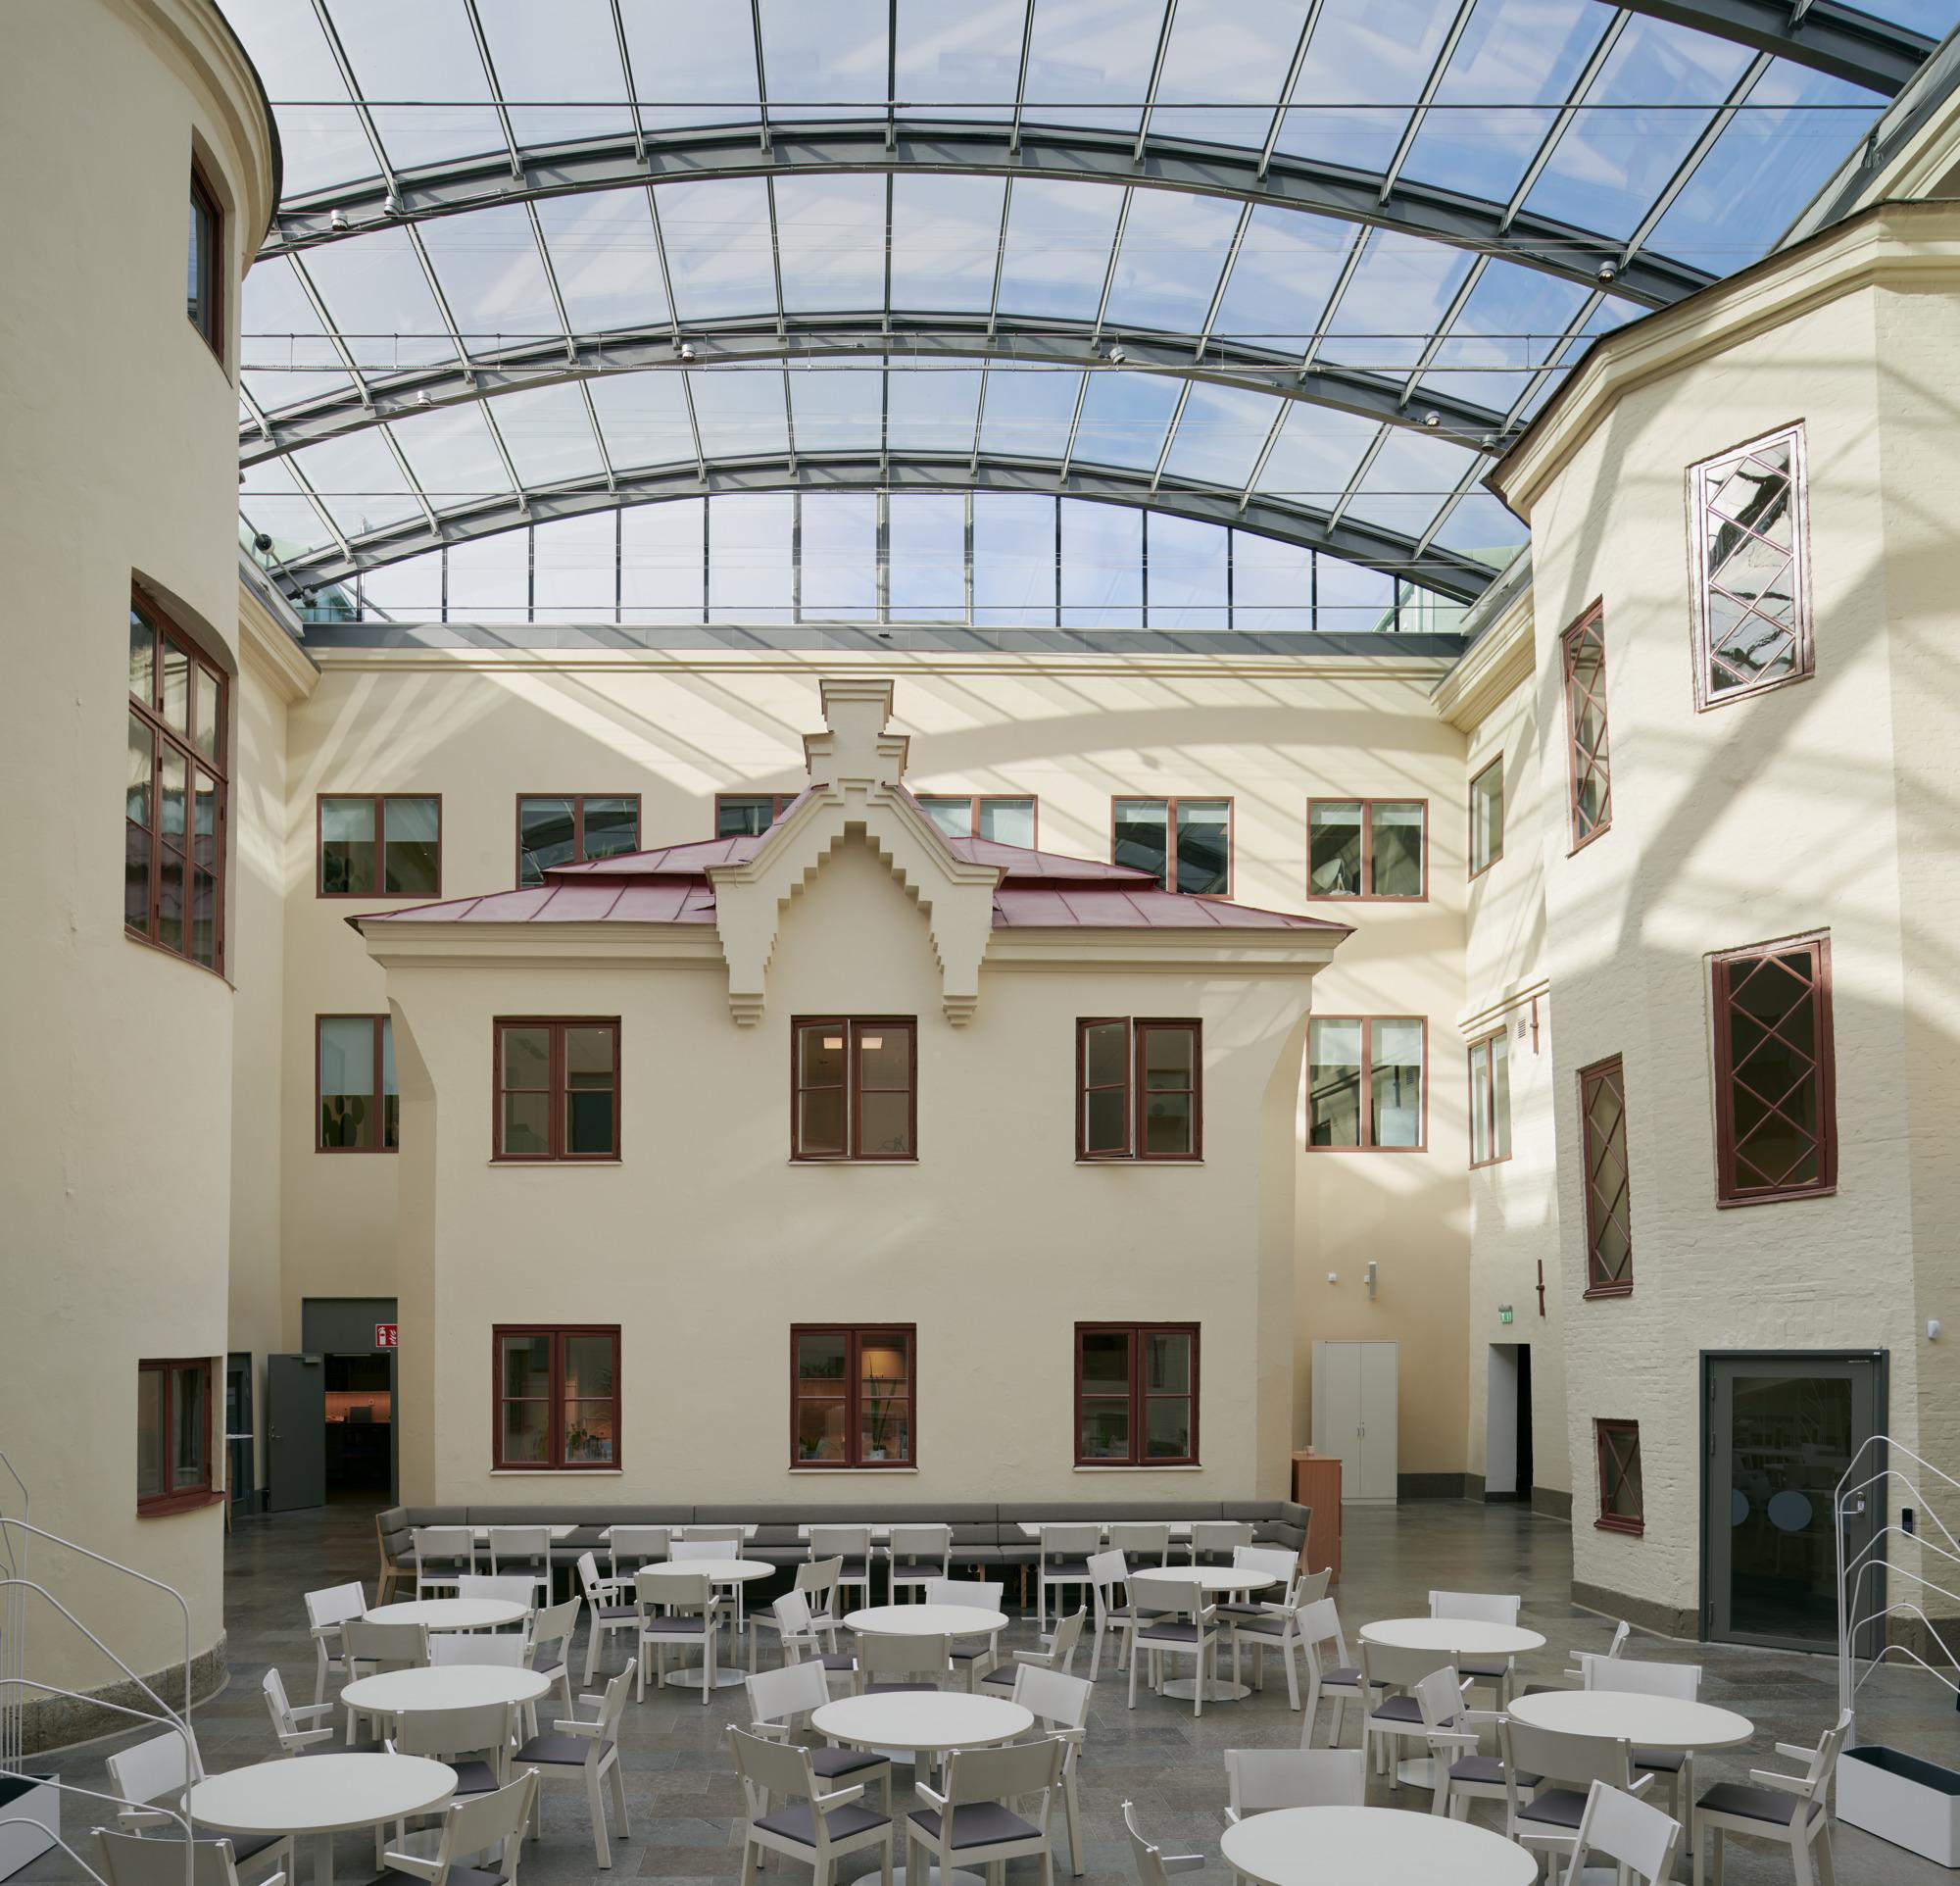 Wenngrenska Husets innergård med glastak, bord och stolar